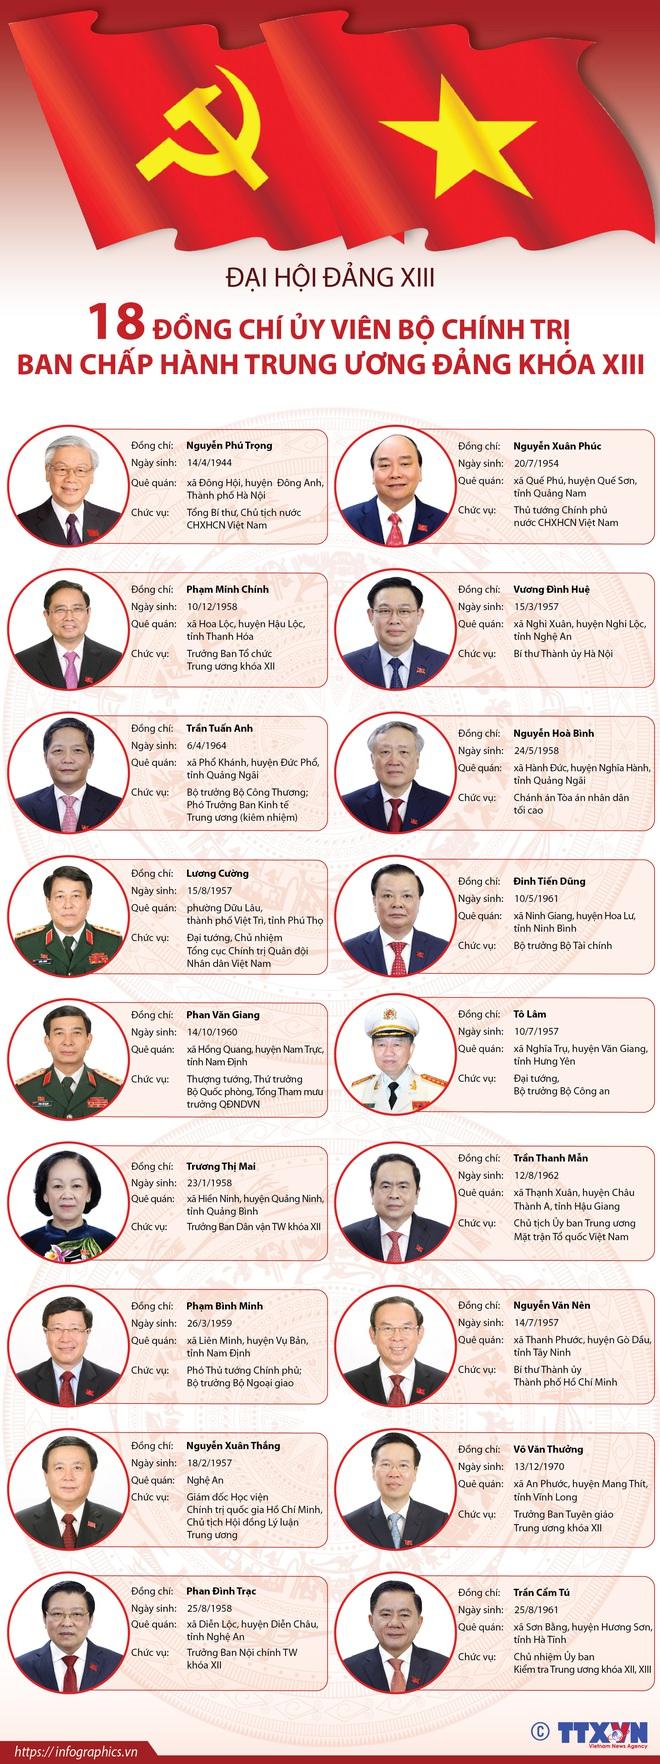 18 đồng chí Ủy viên Bộ Chính trị Ban Chấp hành Trung ương Đảng khóa XIII  - Ảnh 1.